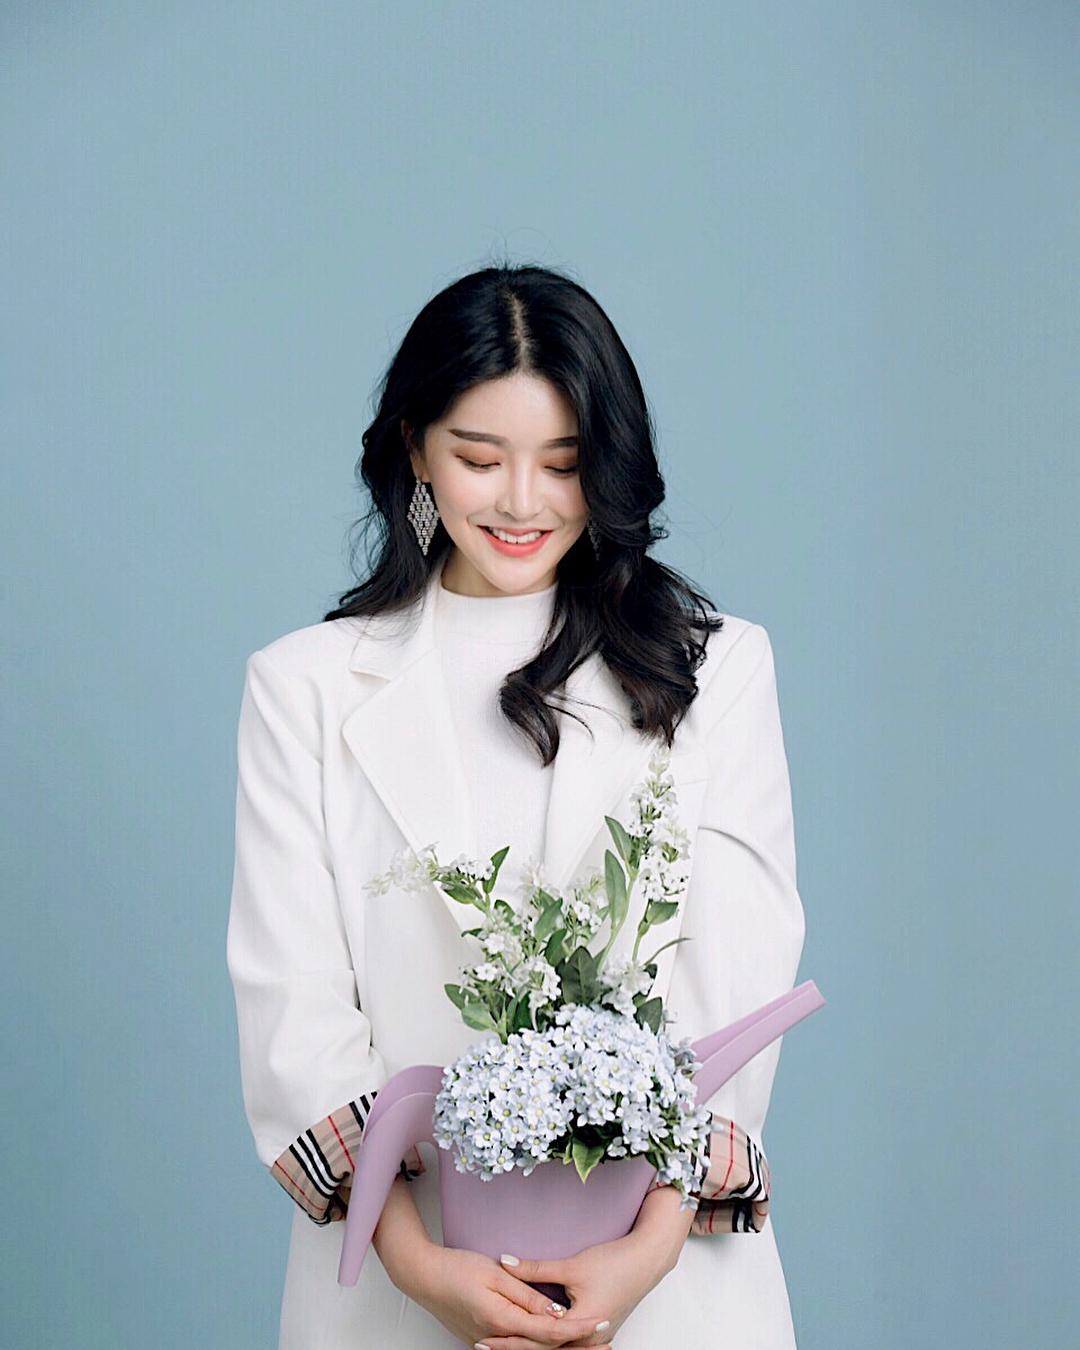 韩国美女模特,甜美清秀,女神合辑一25张